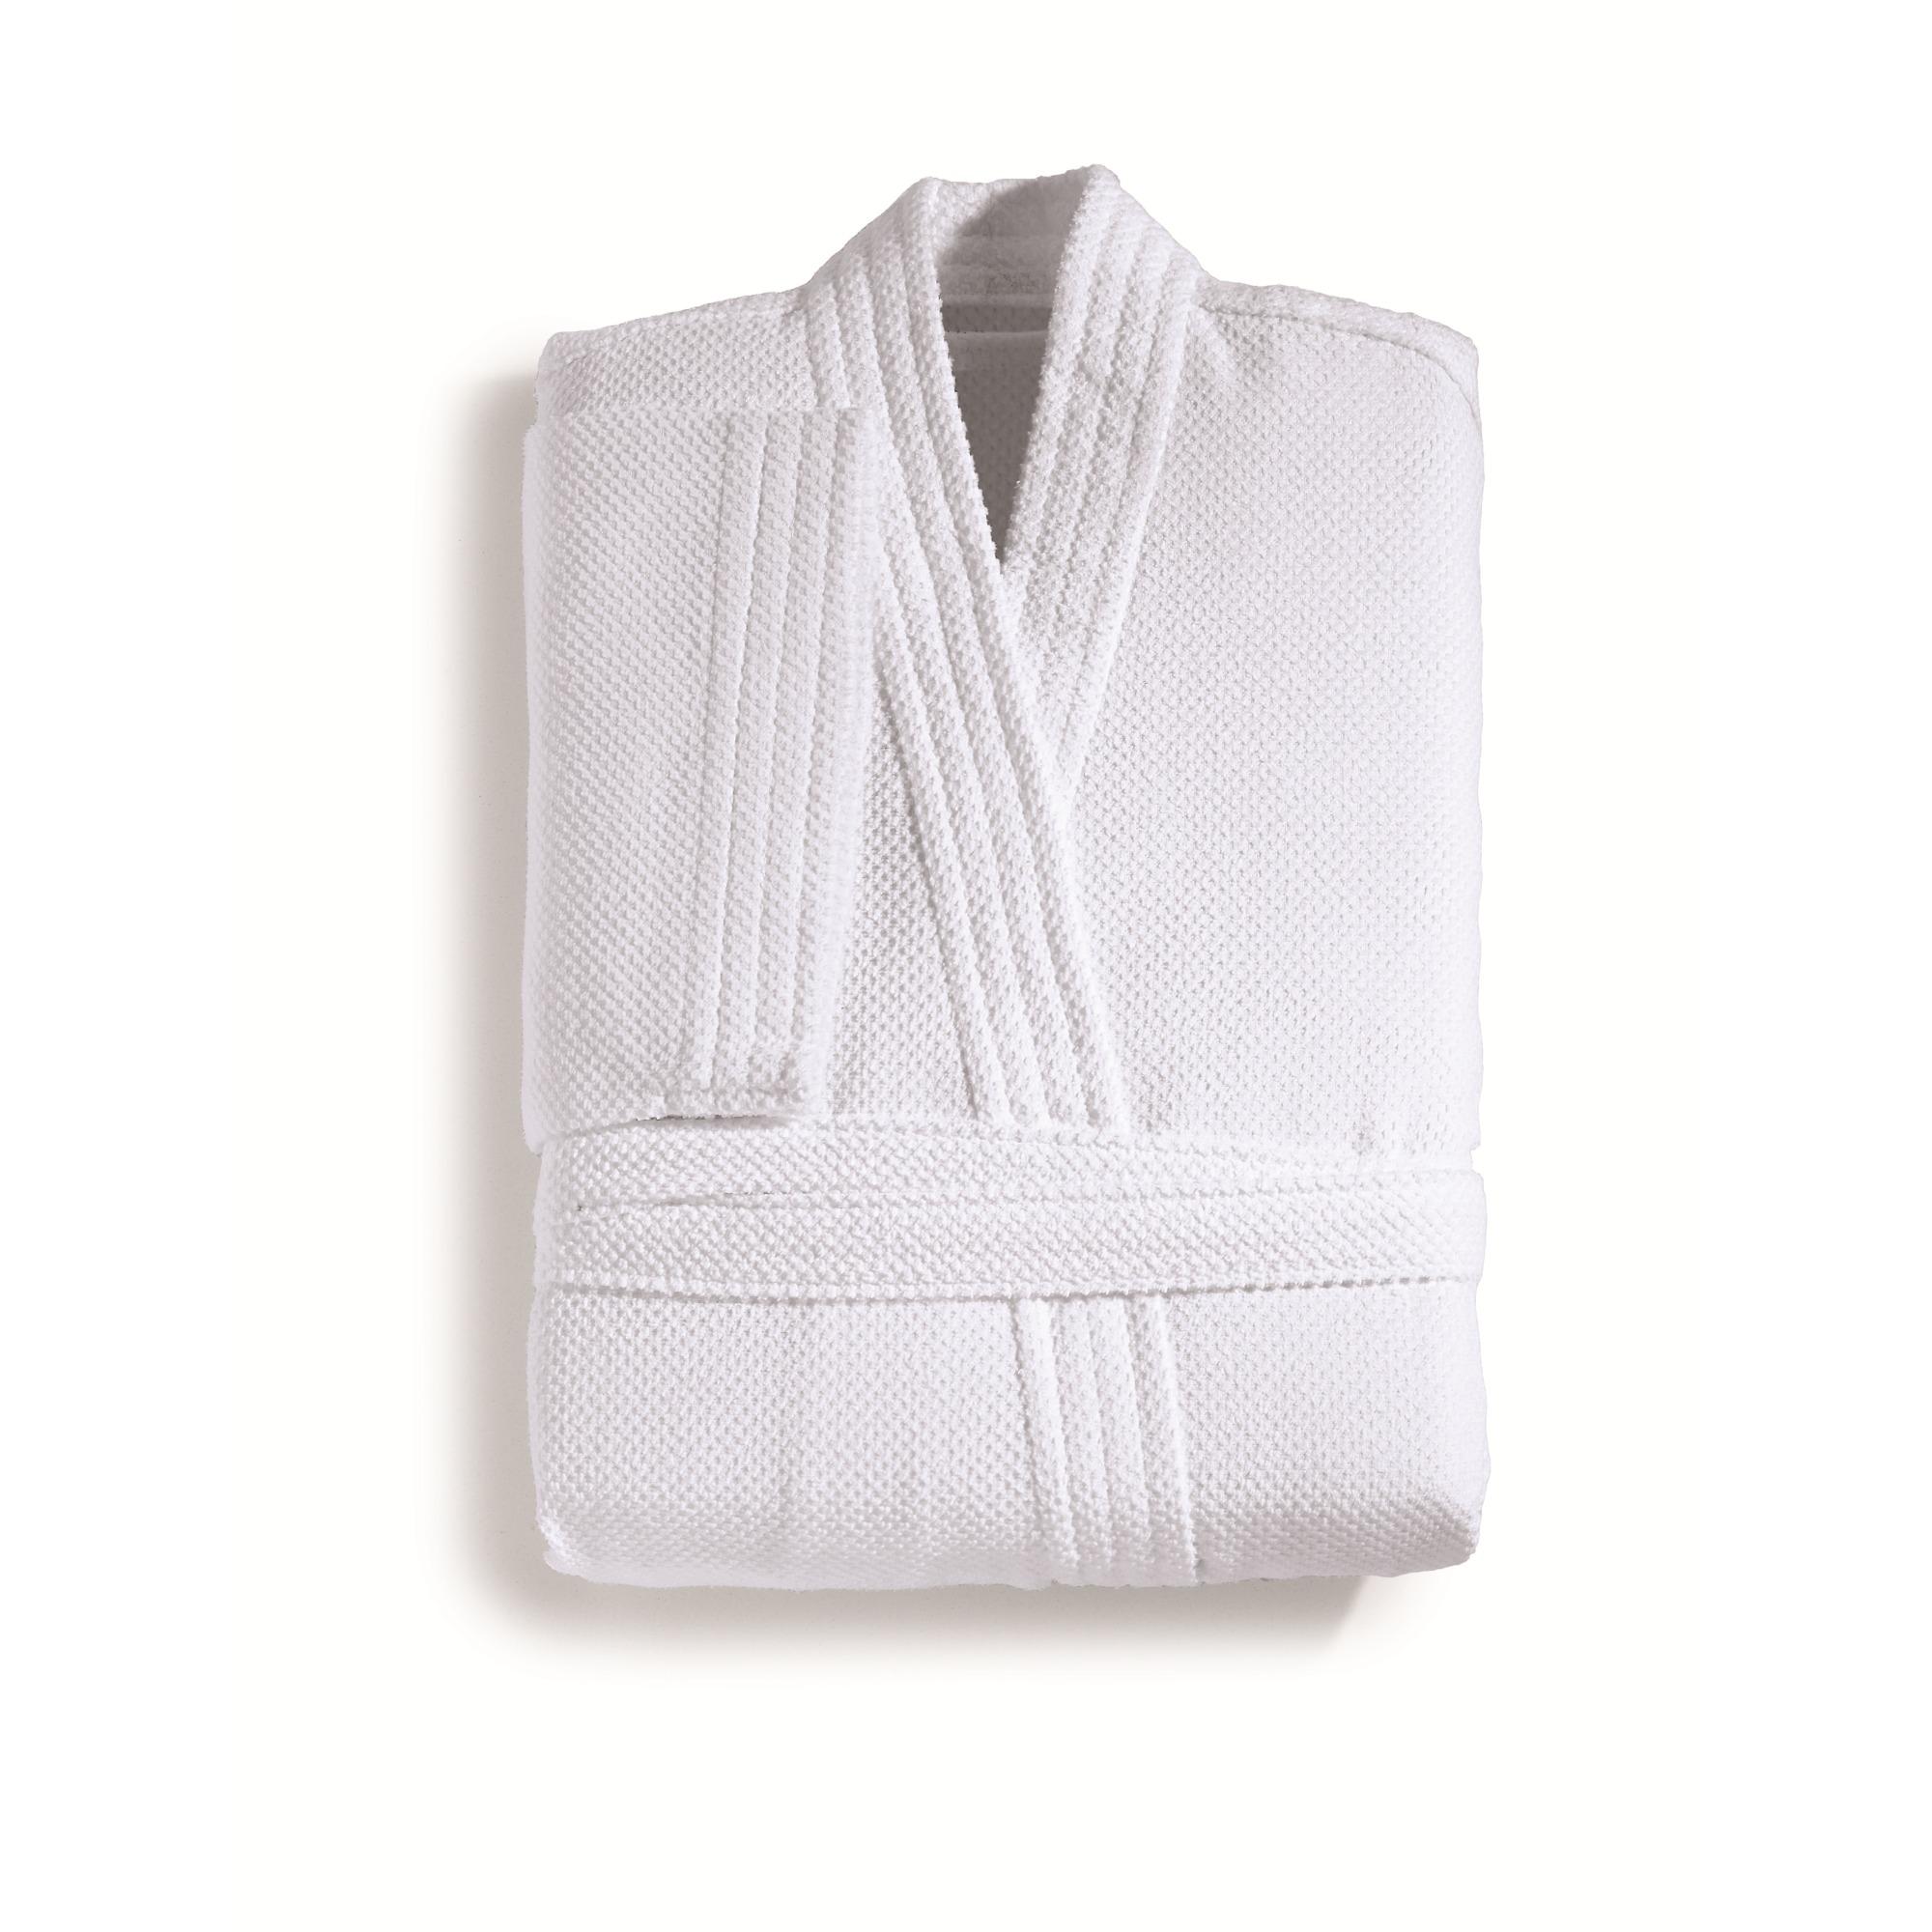 Roupao de Banho Unissex Crepe Liso Branco com Cinto - Artex